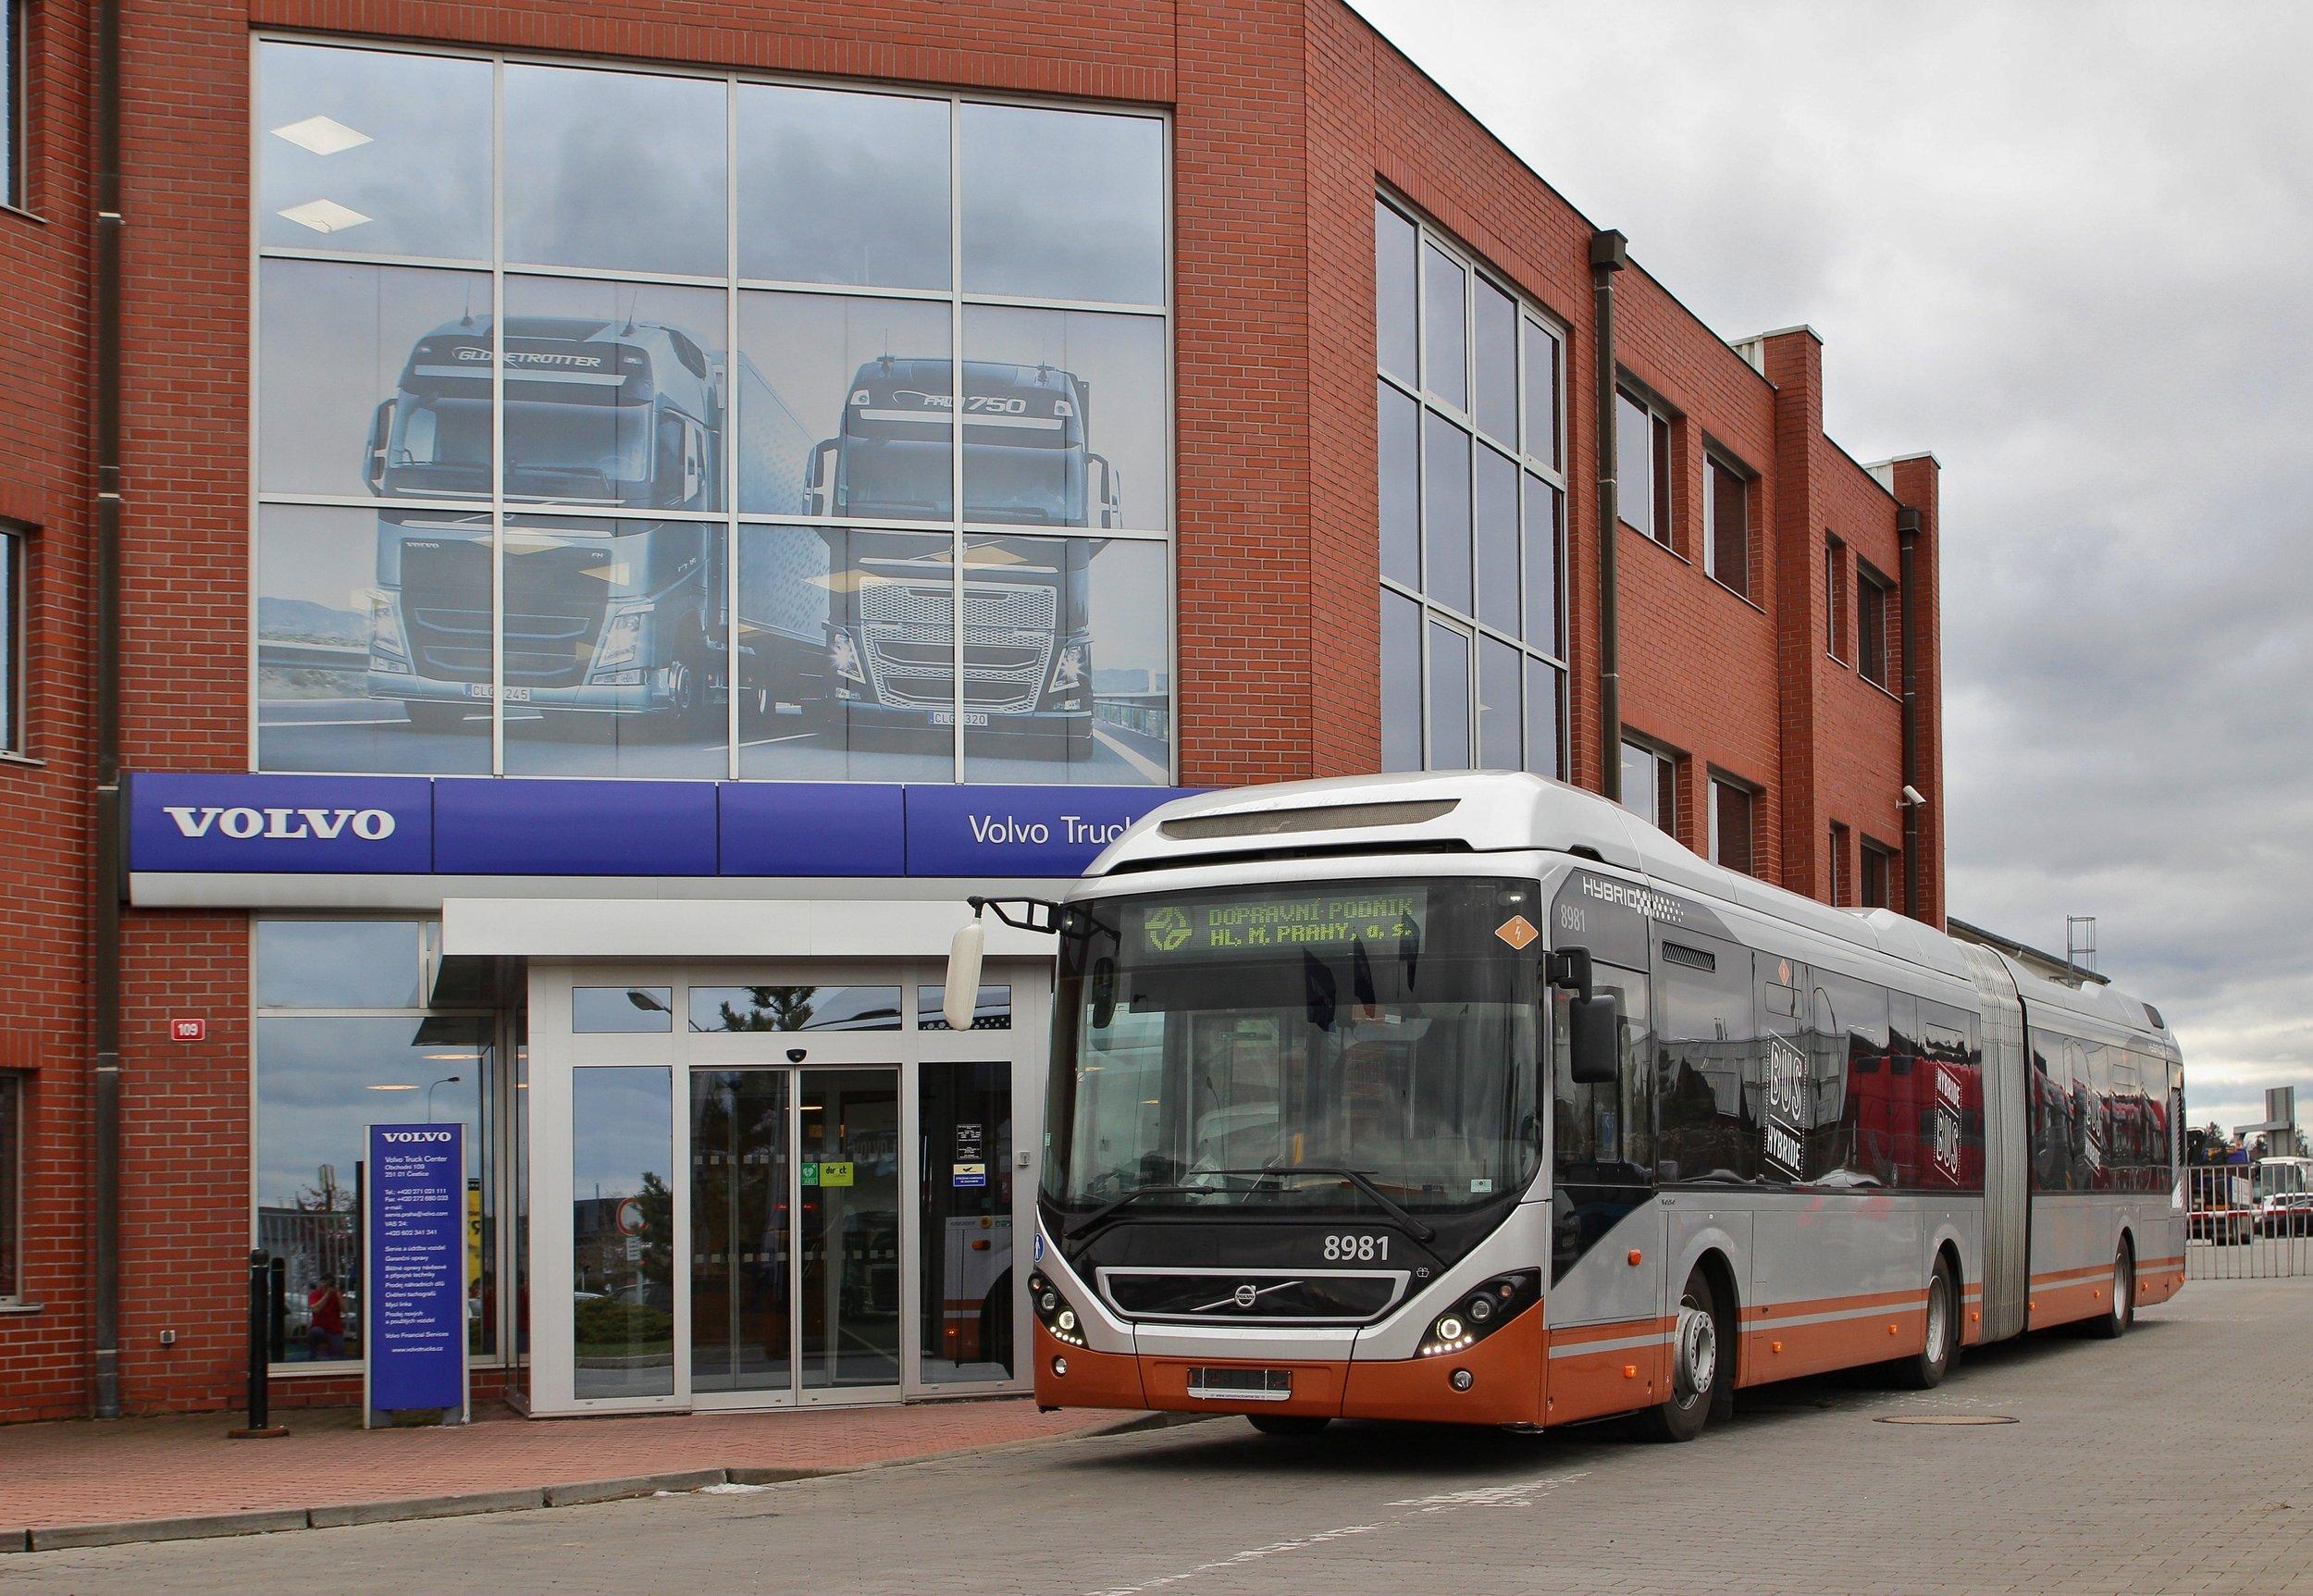 Autobus Volvo 7900 Articulated Hybrid ještě s původním belgickým číslem 8981, zdokumentovaný je ale již v Praze. Nést by měl ev. č. 6000. (foto: Zdeněk Jelínek)